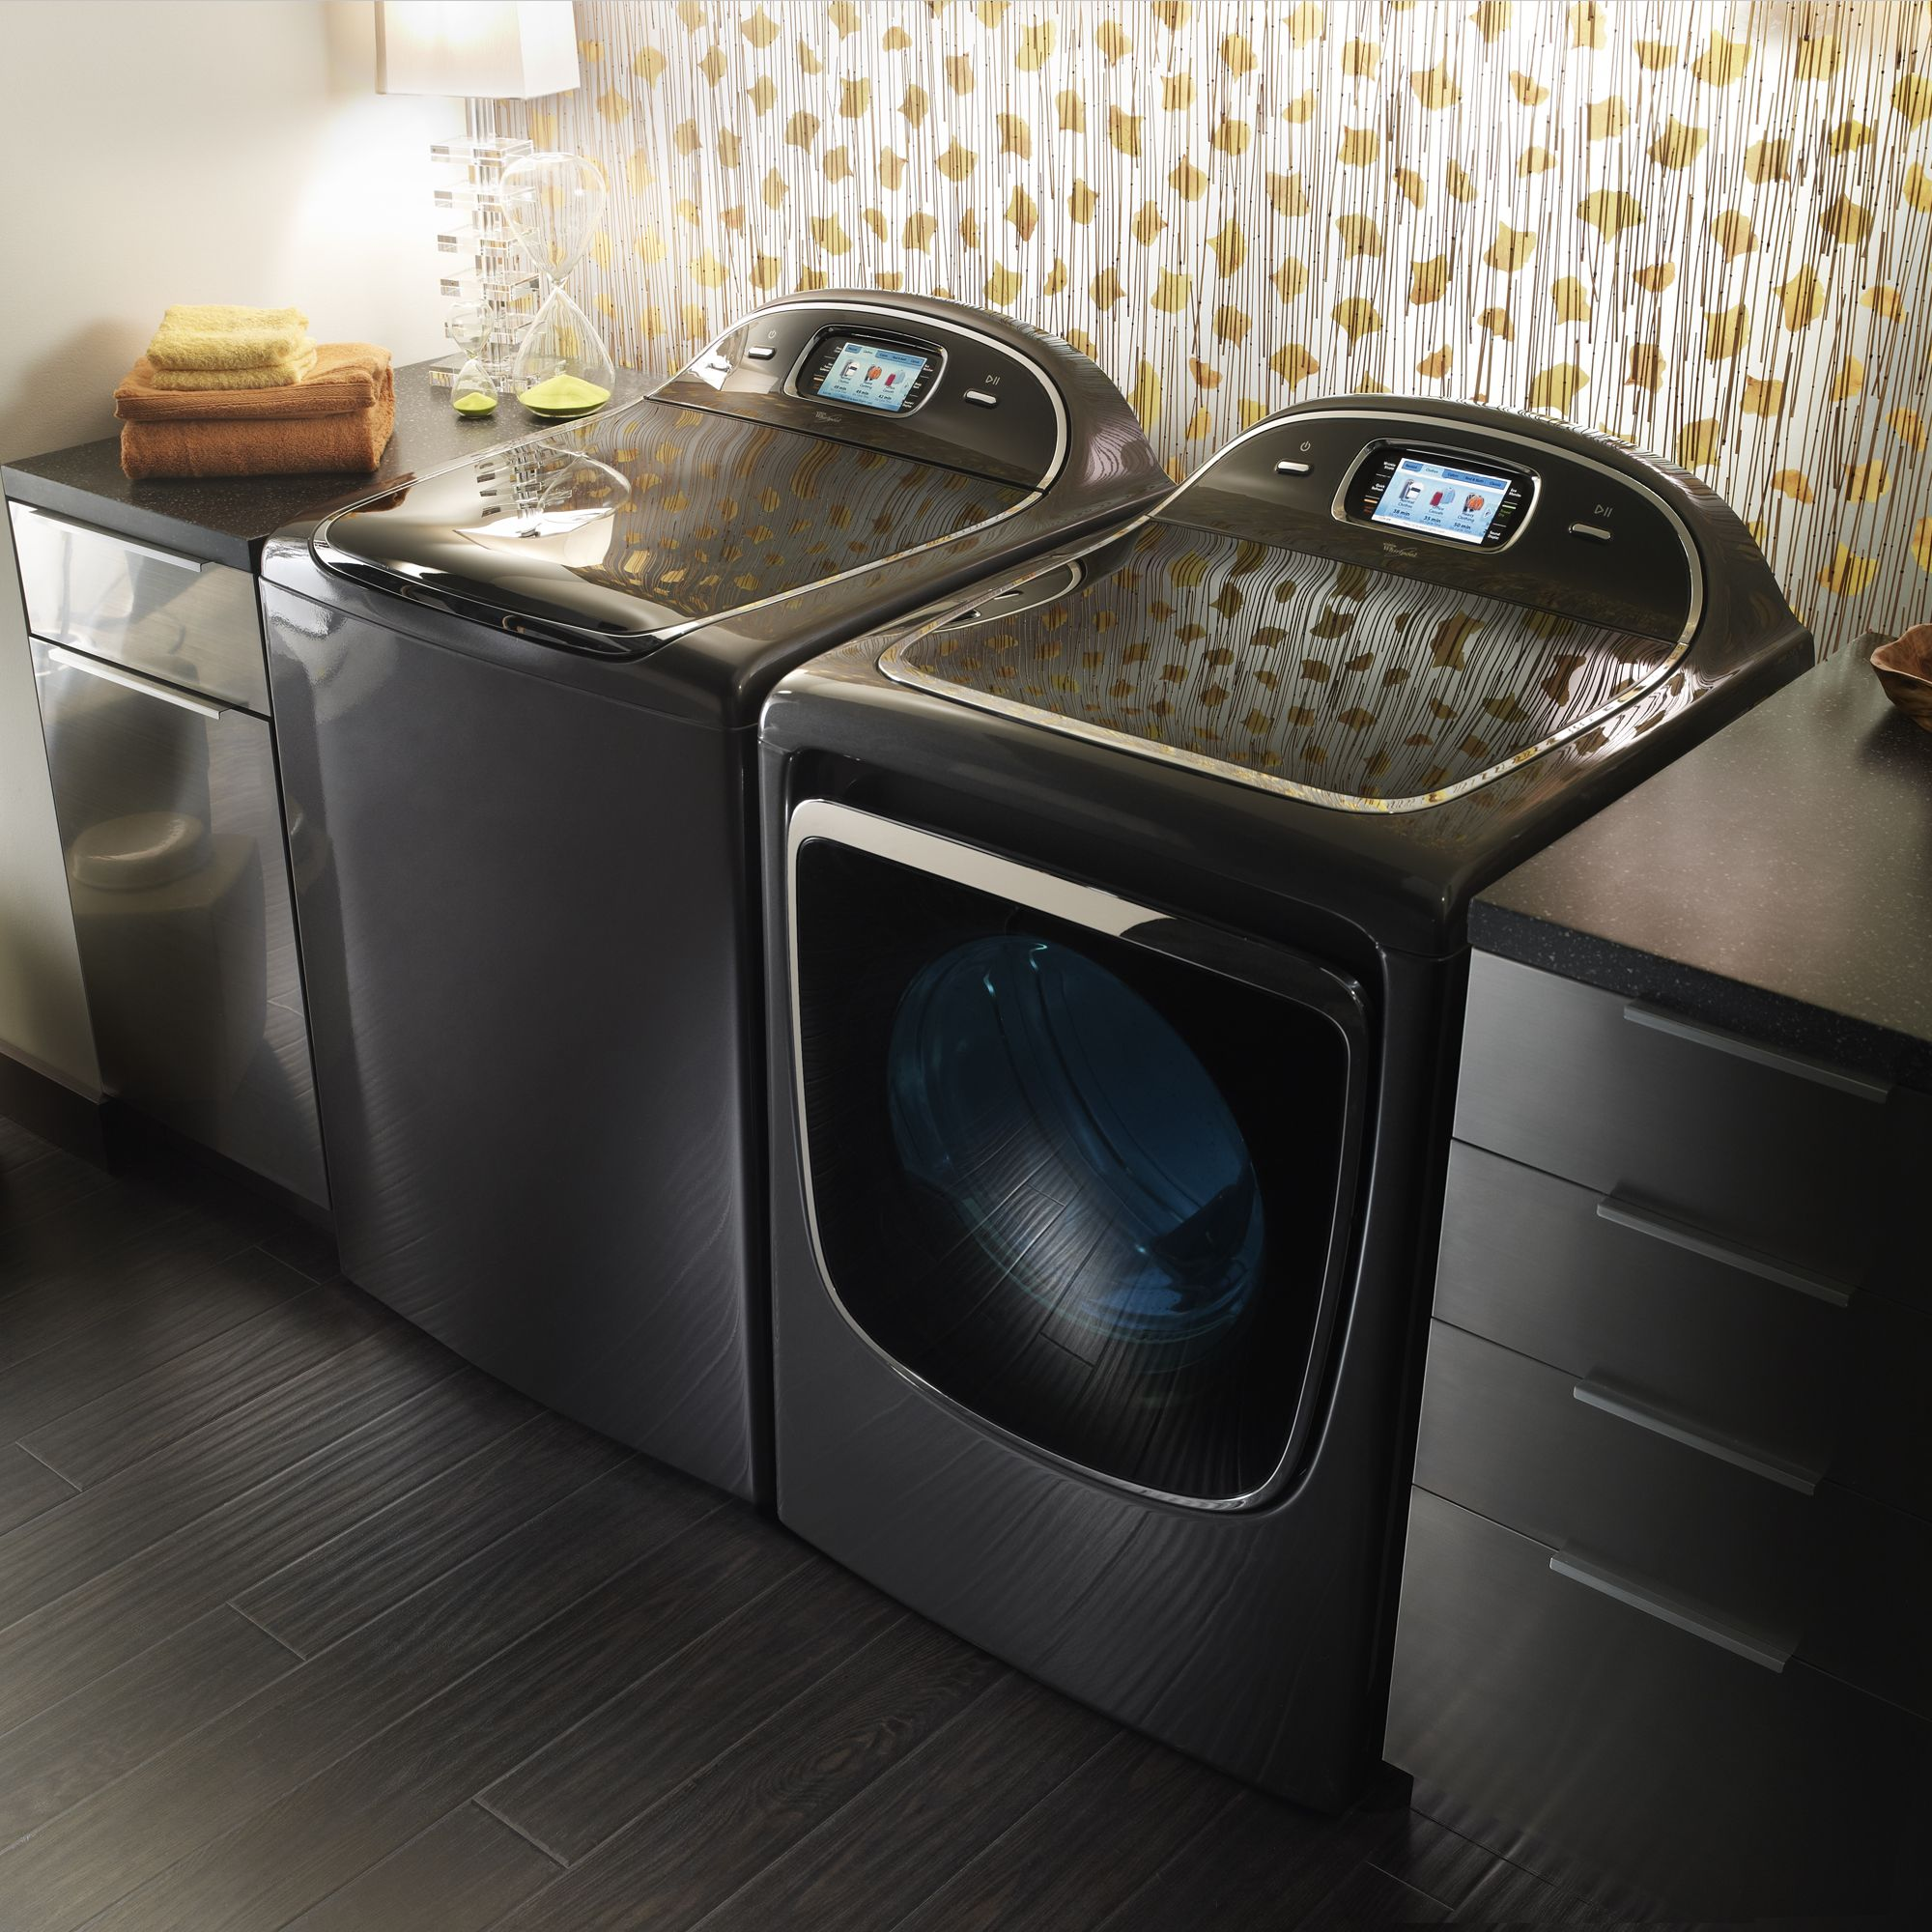 Whirlpool Vantage 7.4 cu. ft. High-Efficiency Electric Steam Dryer